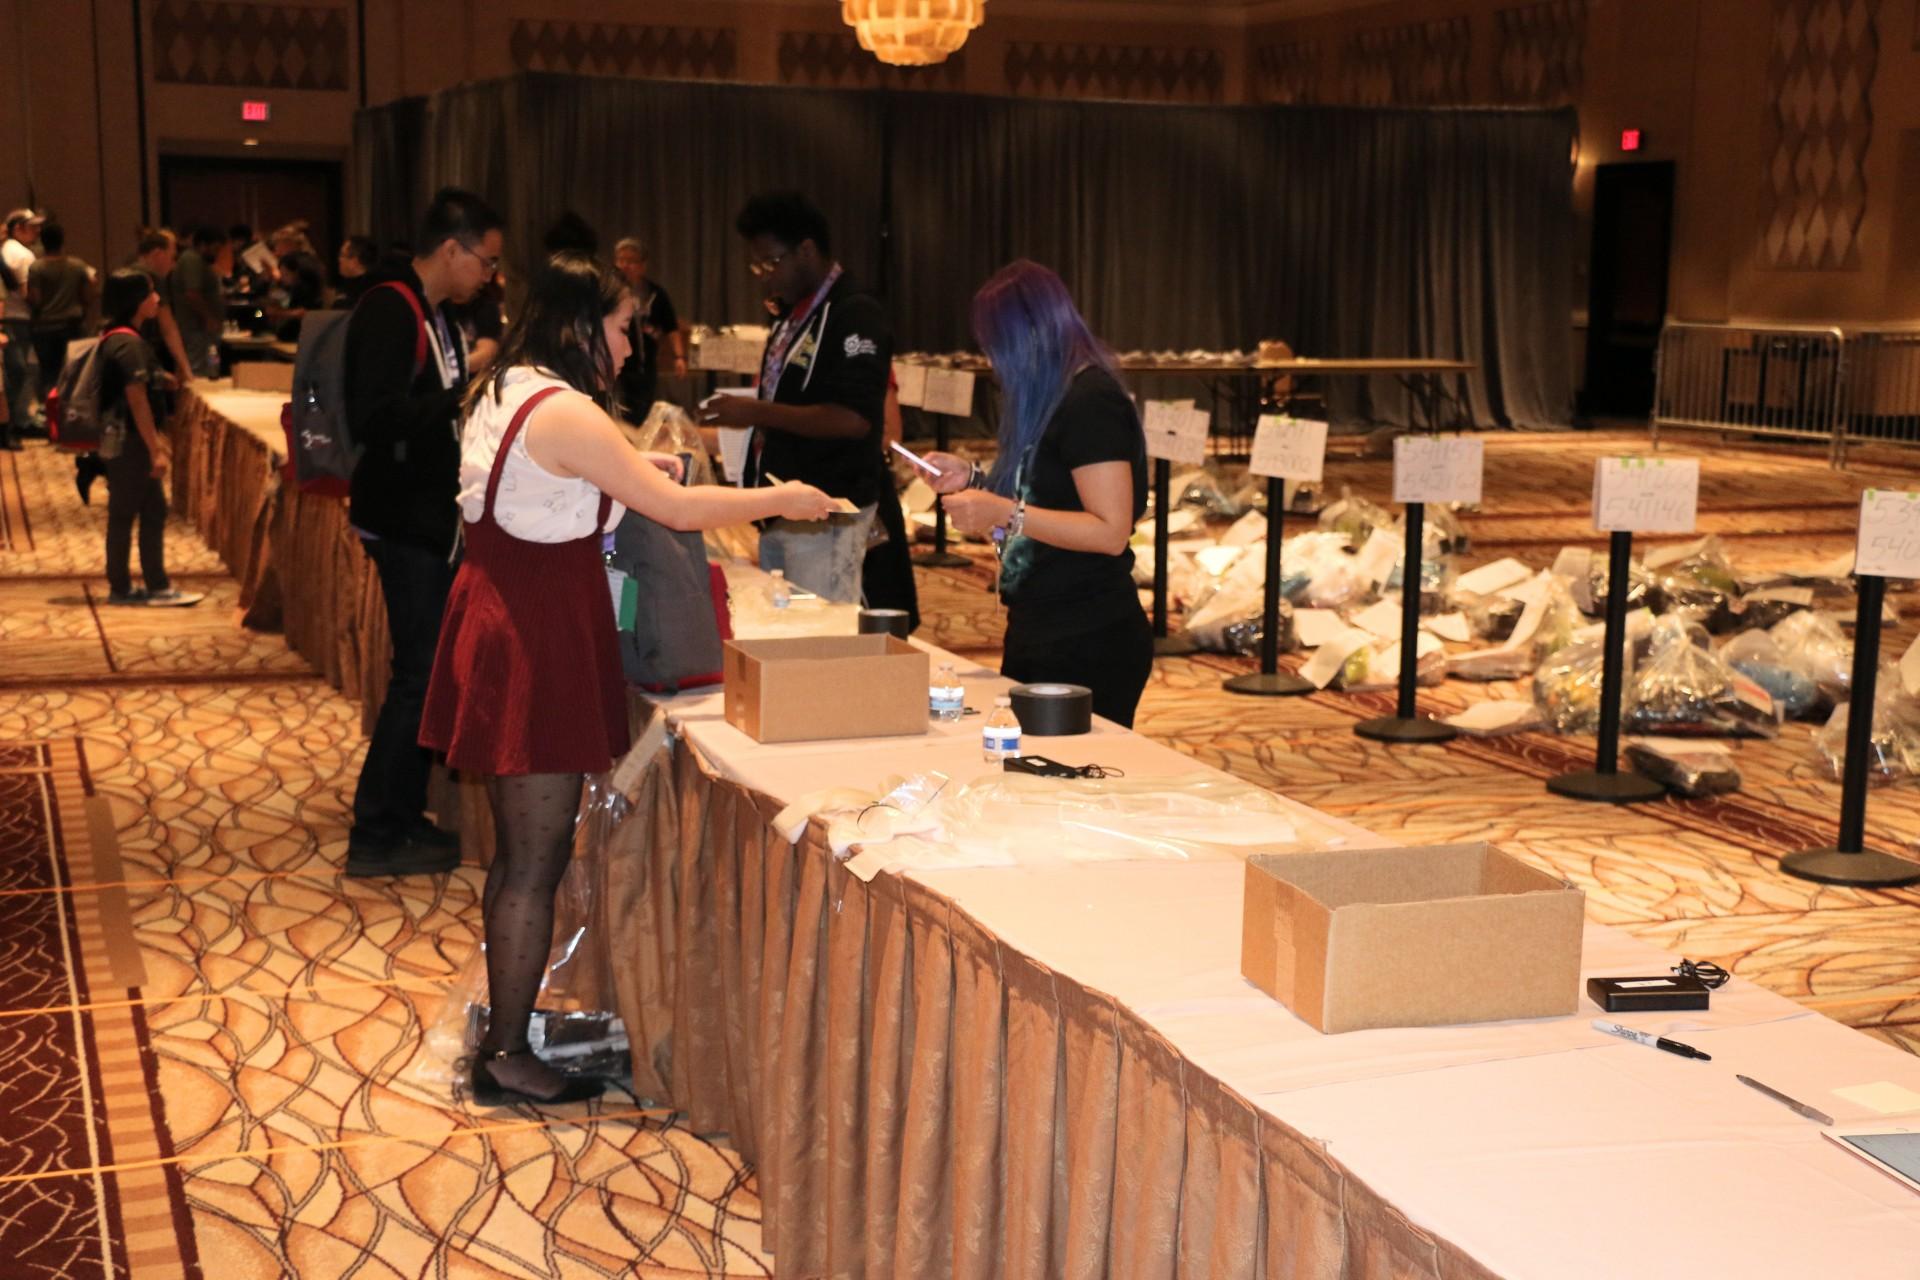 Final Fantasy 14 Online Report: Zwischen Cosplay, Kirmes und Kampfsystem - In diesem Lagerraum konnten Spieler die Merchandising-Artikel abholen... (Foto: P. Steinlechner/Golem.de)